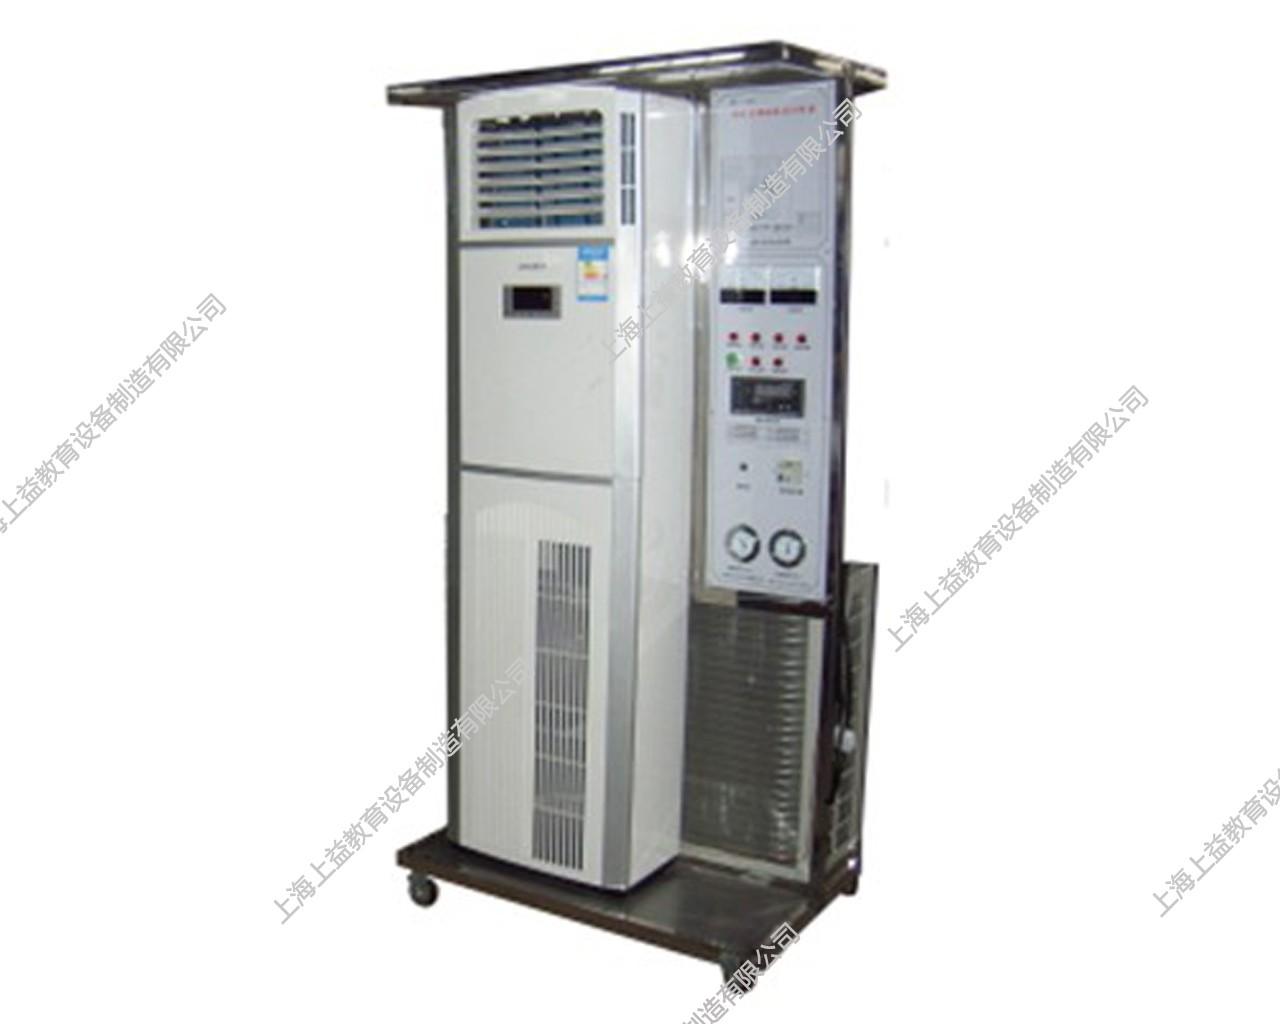 SYZLRX-06D型 柜式空调wwwlehu8viplehu68vip装置